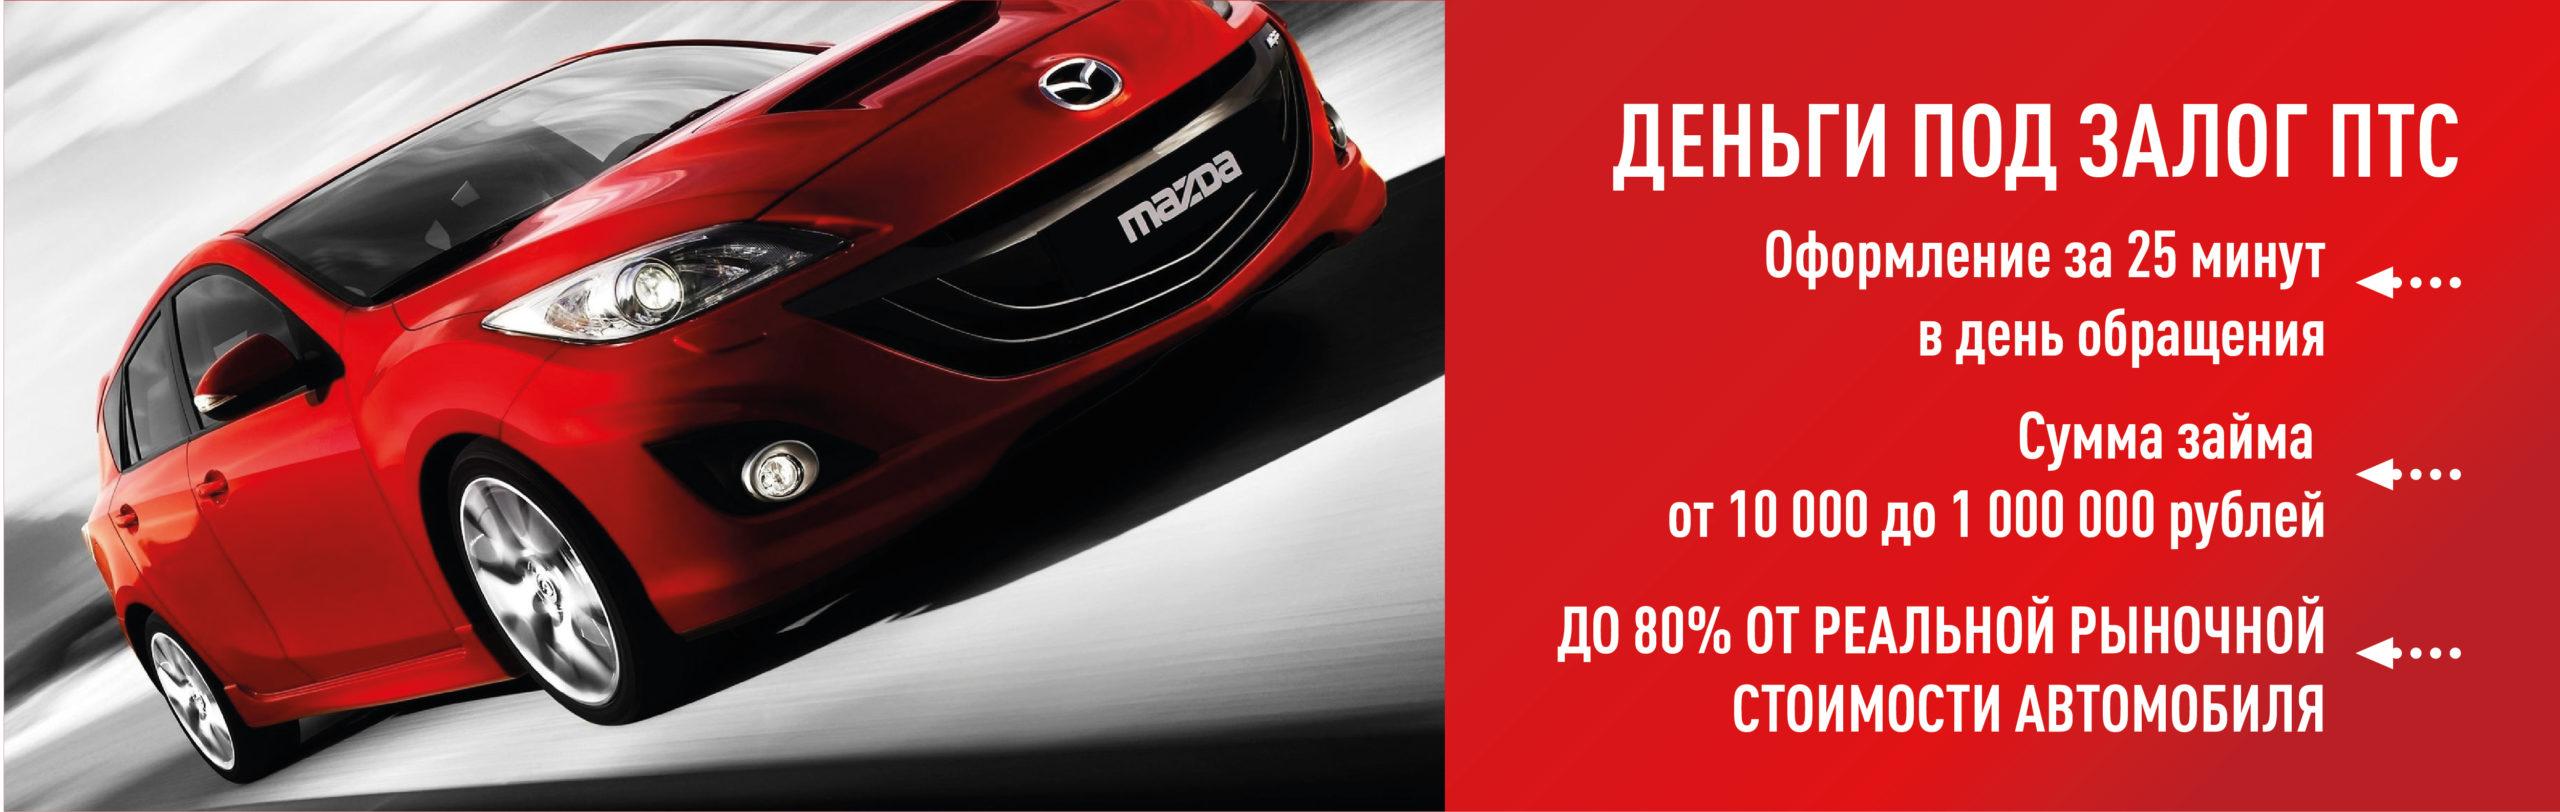 Займ под залог птс екатеринбург адреса купить авто ауди 100 в москве автосалон до 200000 с пробегом в